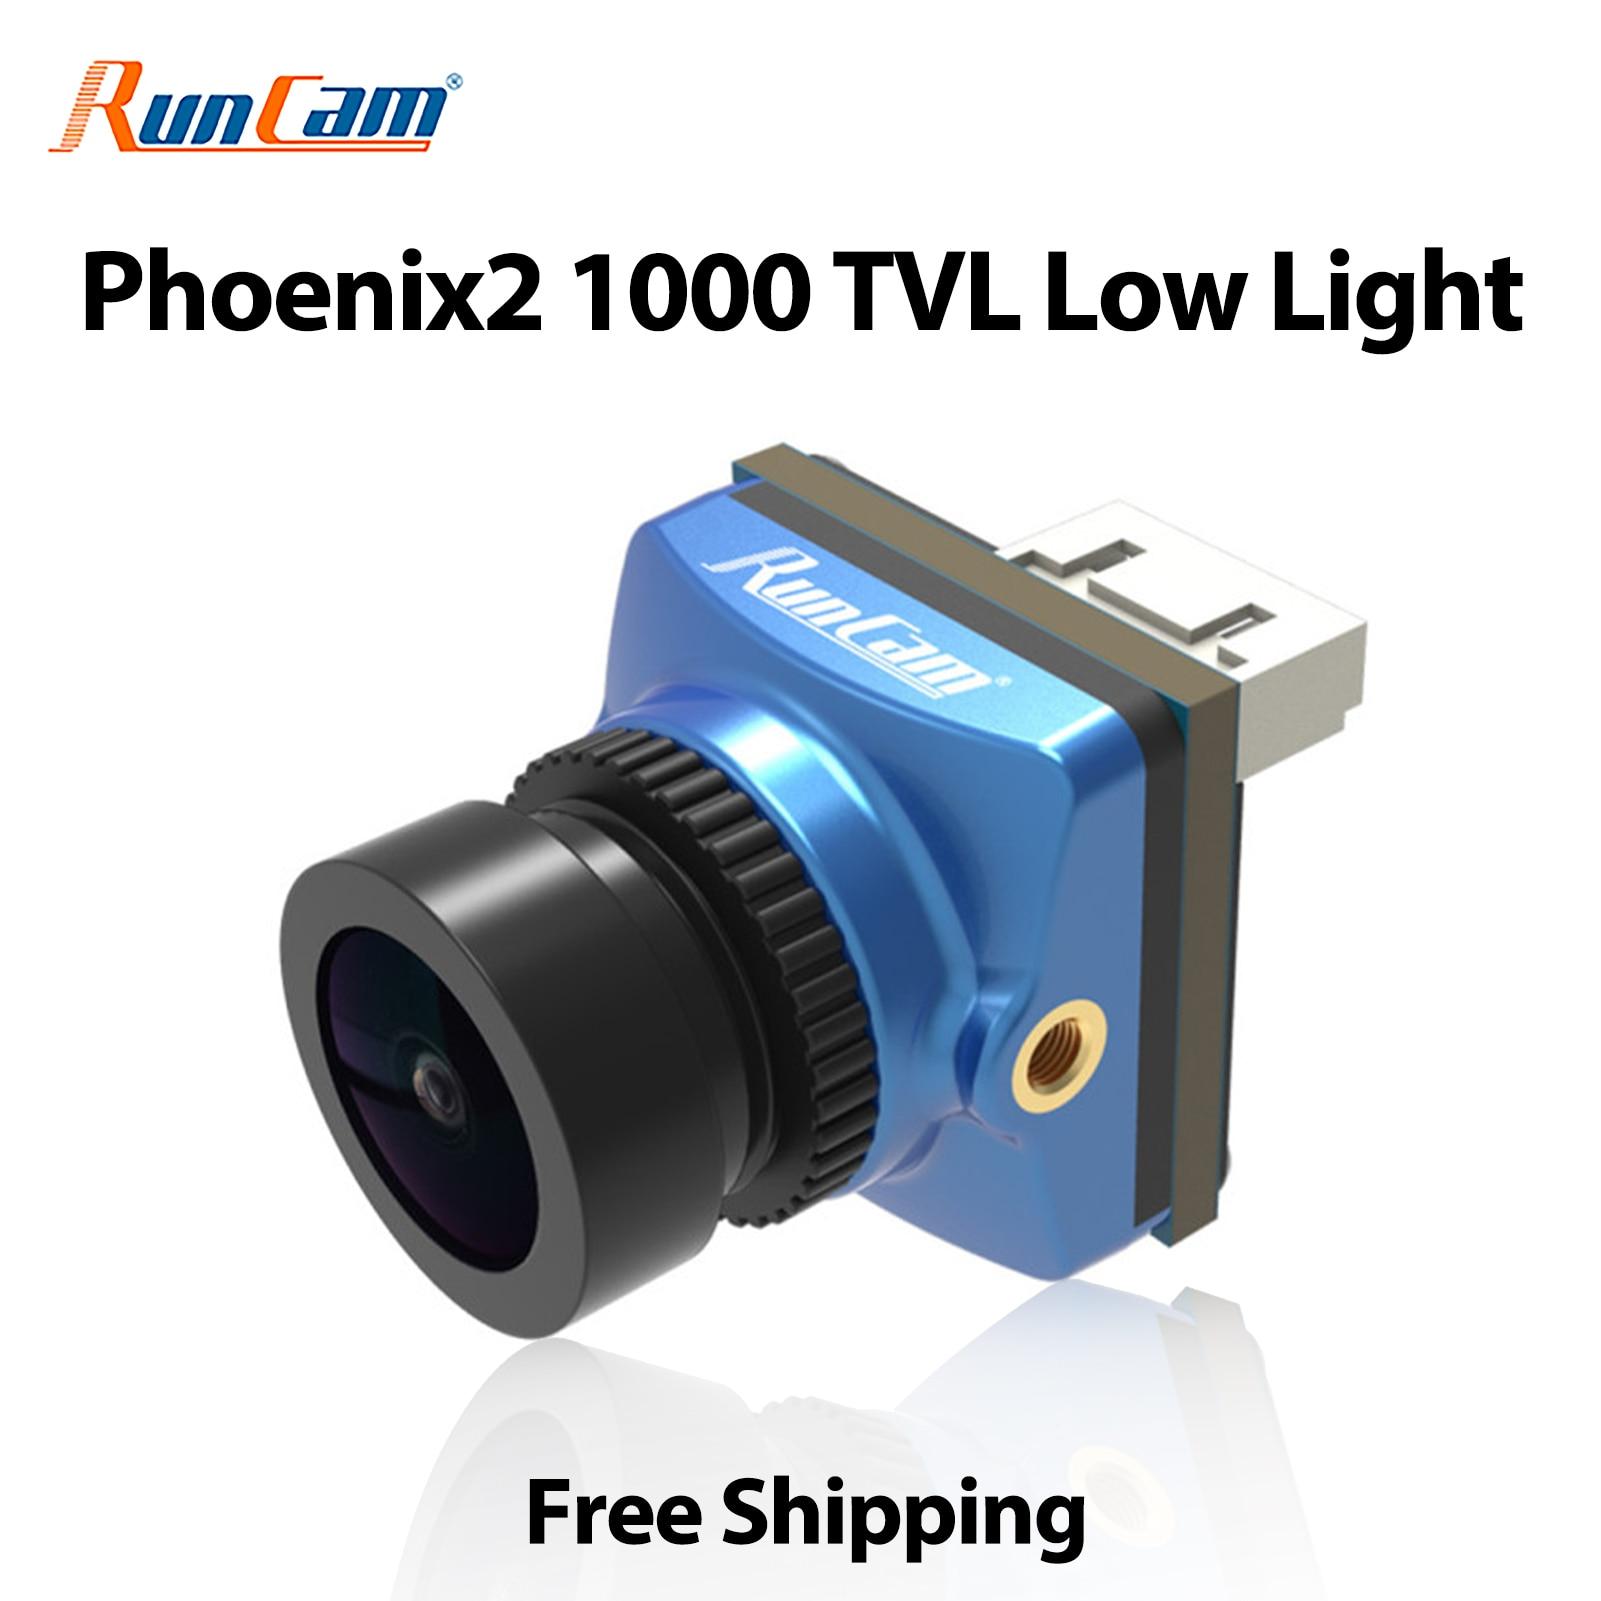 RunCam Phoenix 2, Phoenix2 Nano, камера с FPV эффектом шушуа Edision 2,1 tvl COMS 155 мм (M8) FOV ° 43/169 PAL/NTSC с возможностью переключения